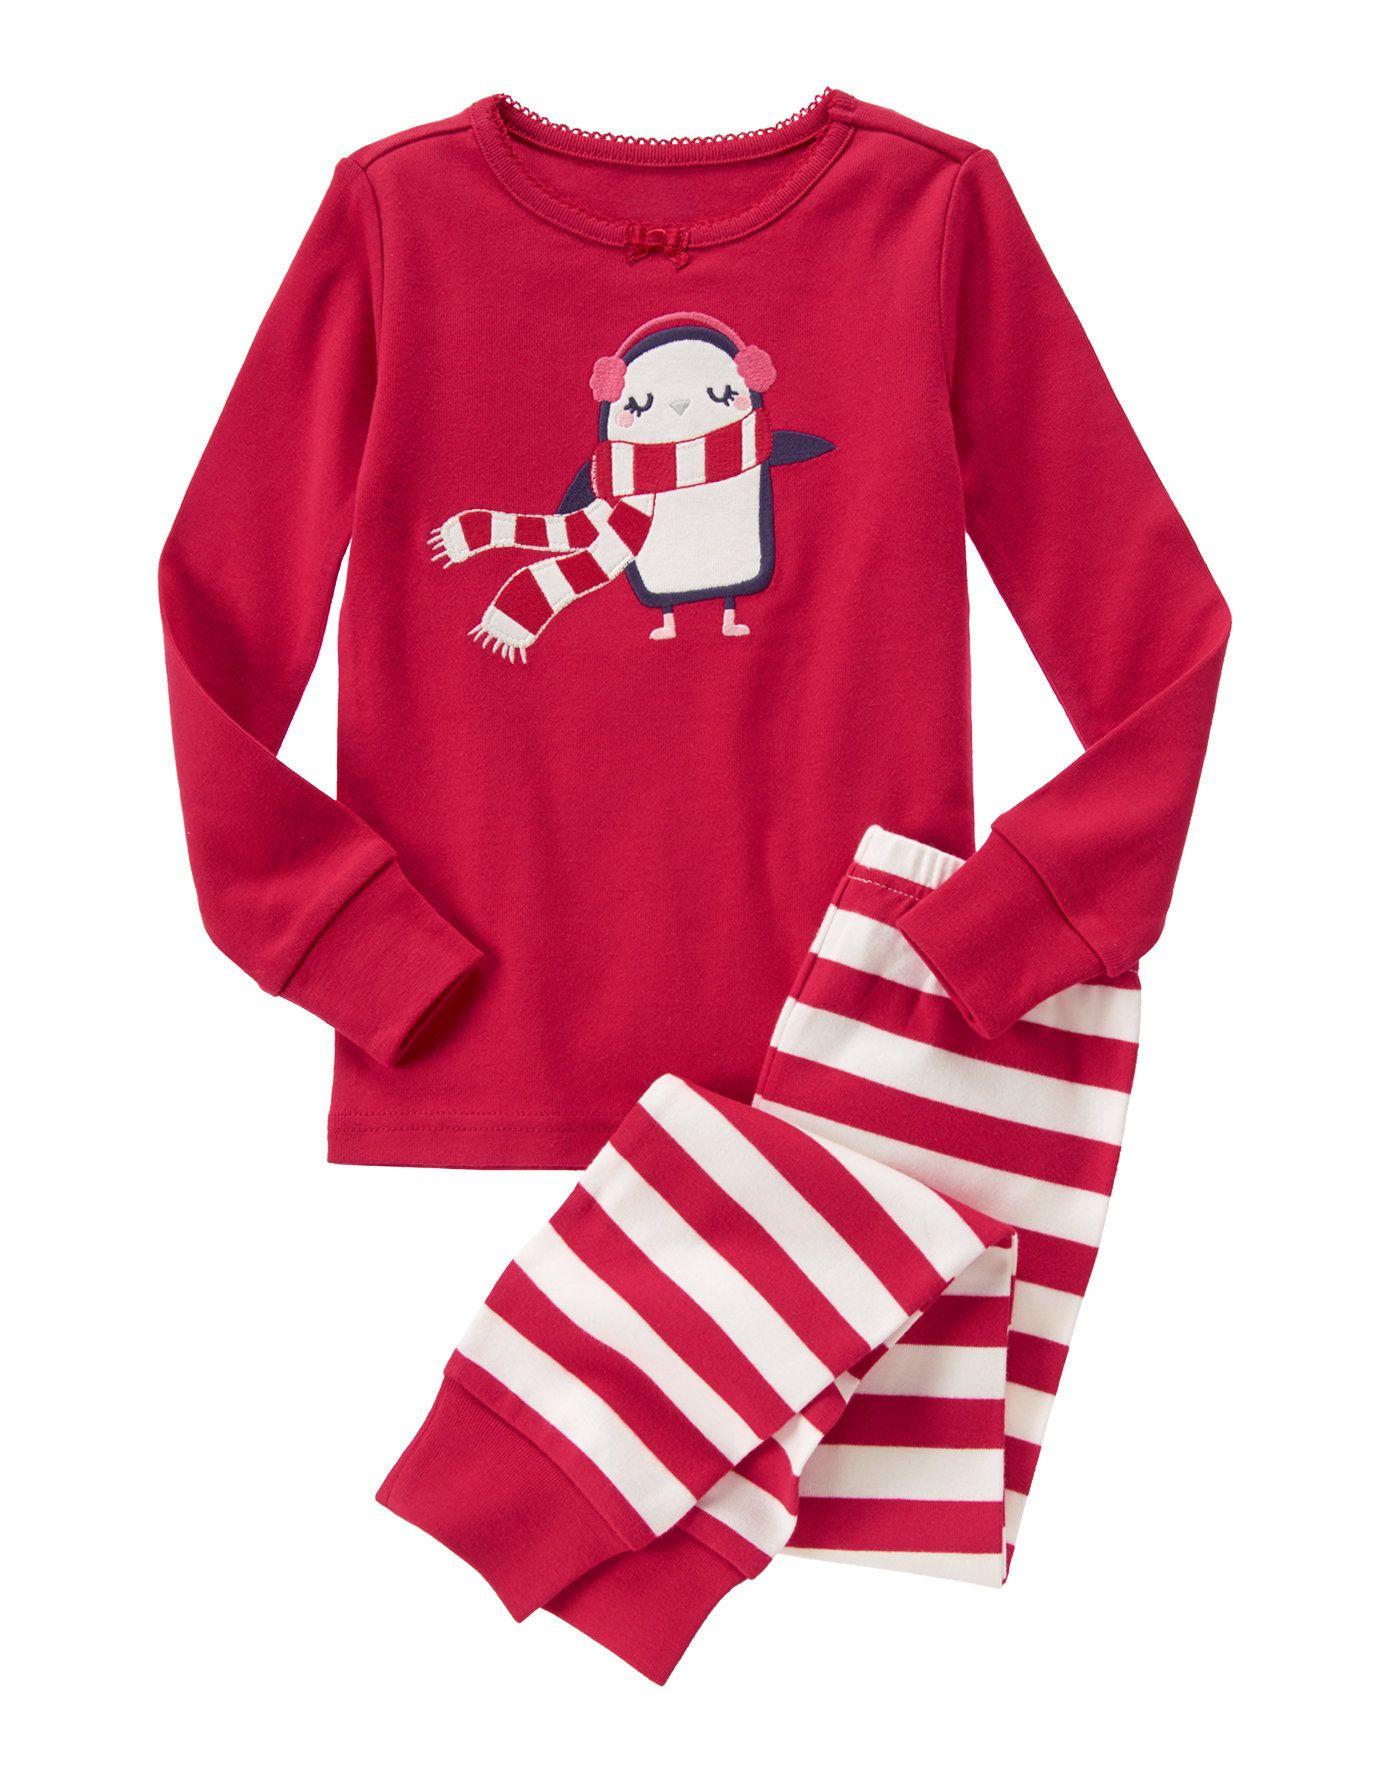 Jaysis Ensemble De Pyjama De No/ël en Famille Merry Christmas Imprim/é Letter Wapiti Plaid Carreaux Ensemble De Pyjama Homme Femme B/éb/é Gar/çon Fille Pyjamas 2pcs Set Sleepwear Renne V/êtement De Nuit